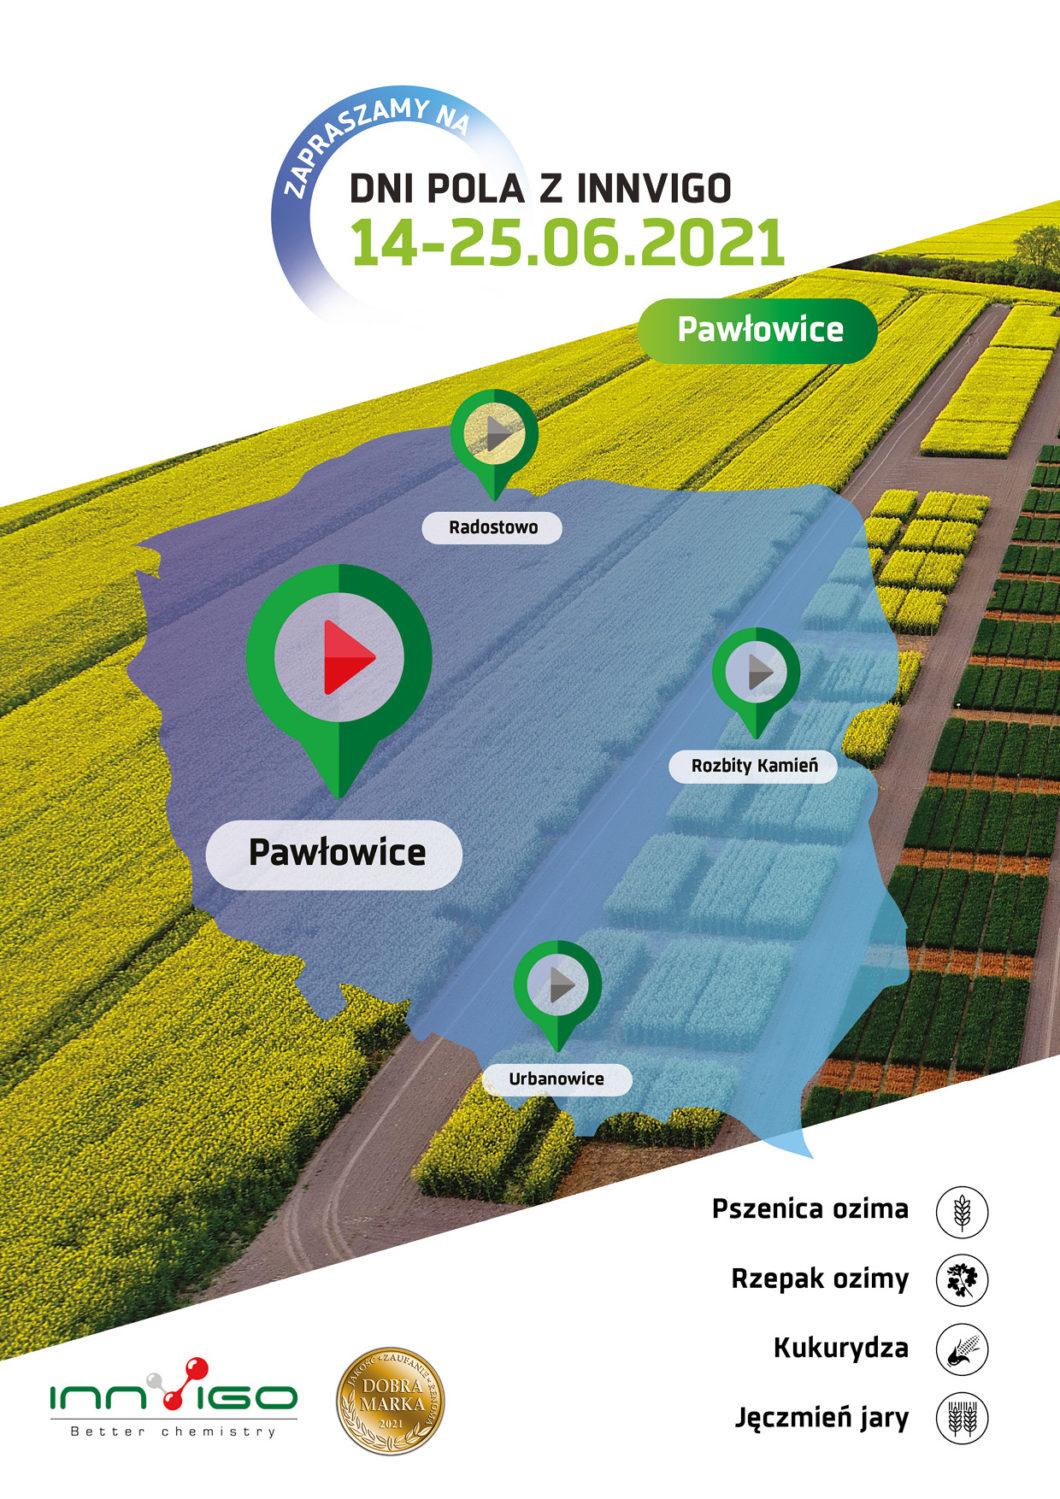 Dni Pola Pawłowice 2021